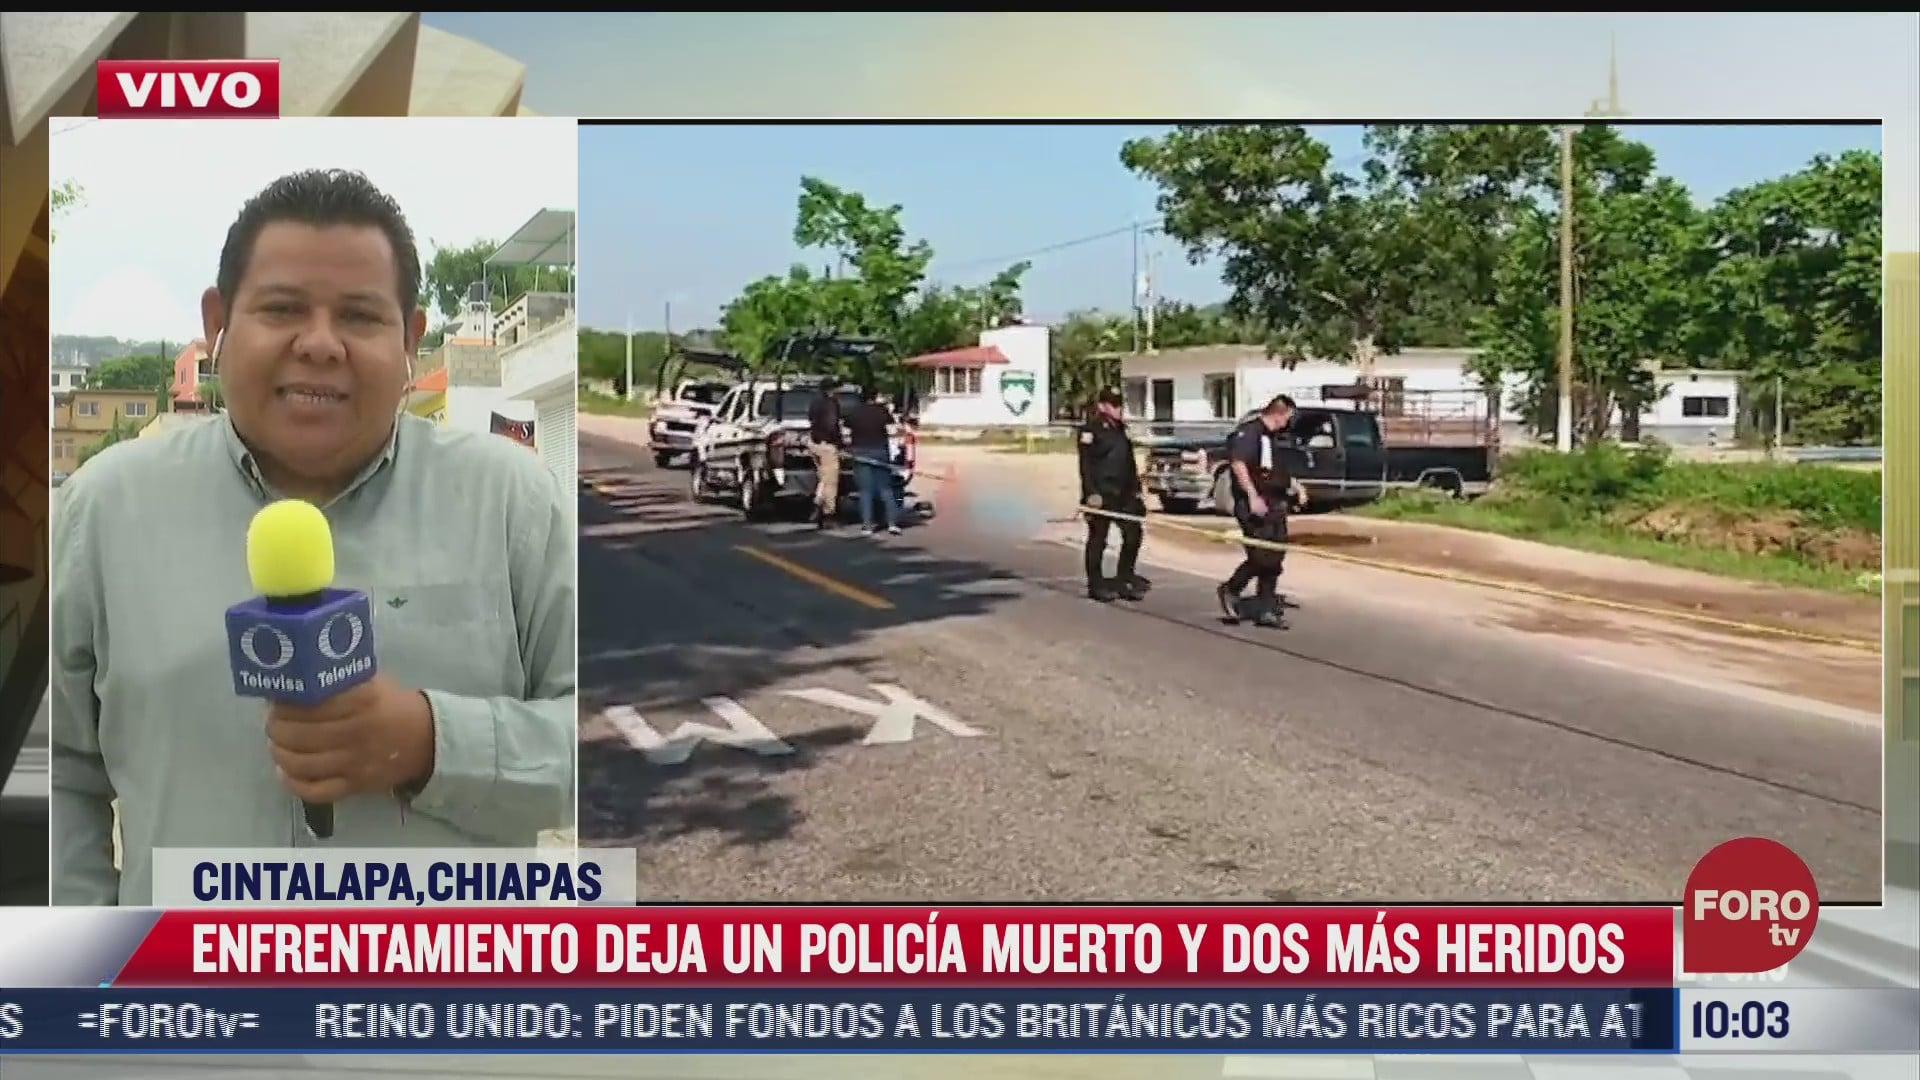 enfrentamiento entre policias y traficantes de indocumentados deja un uniformado muerto